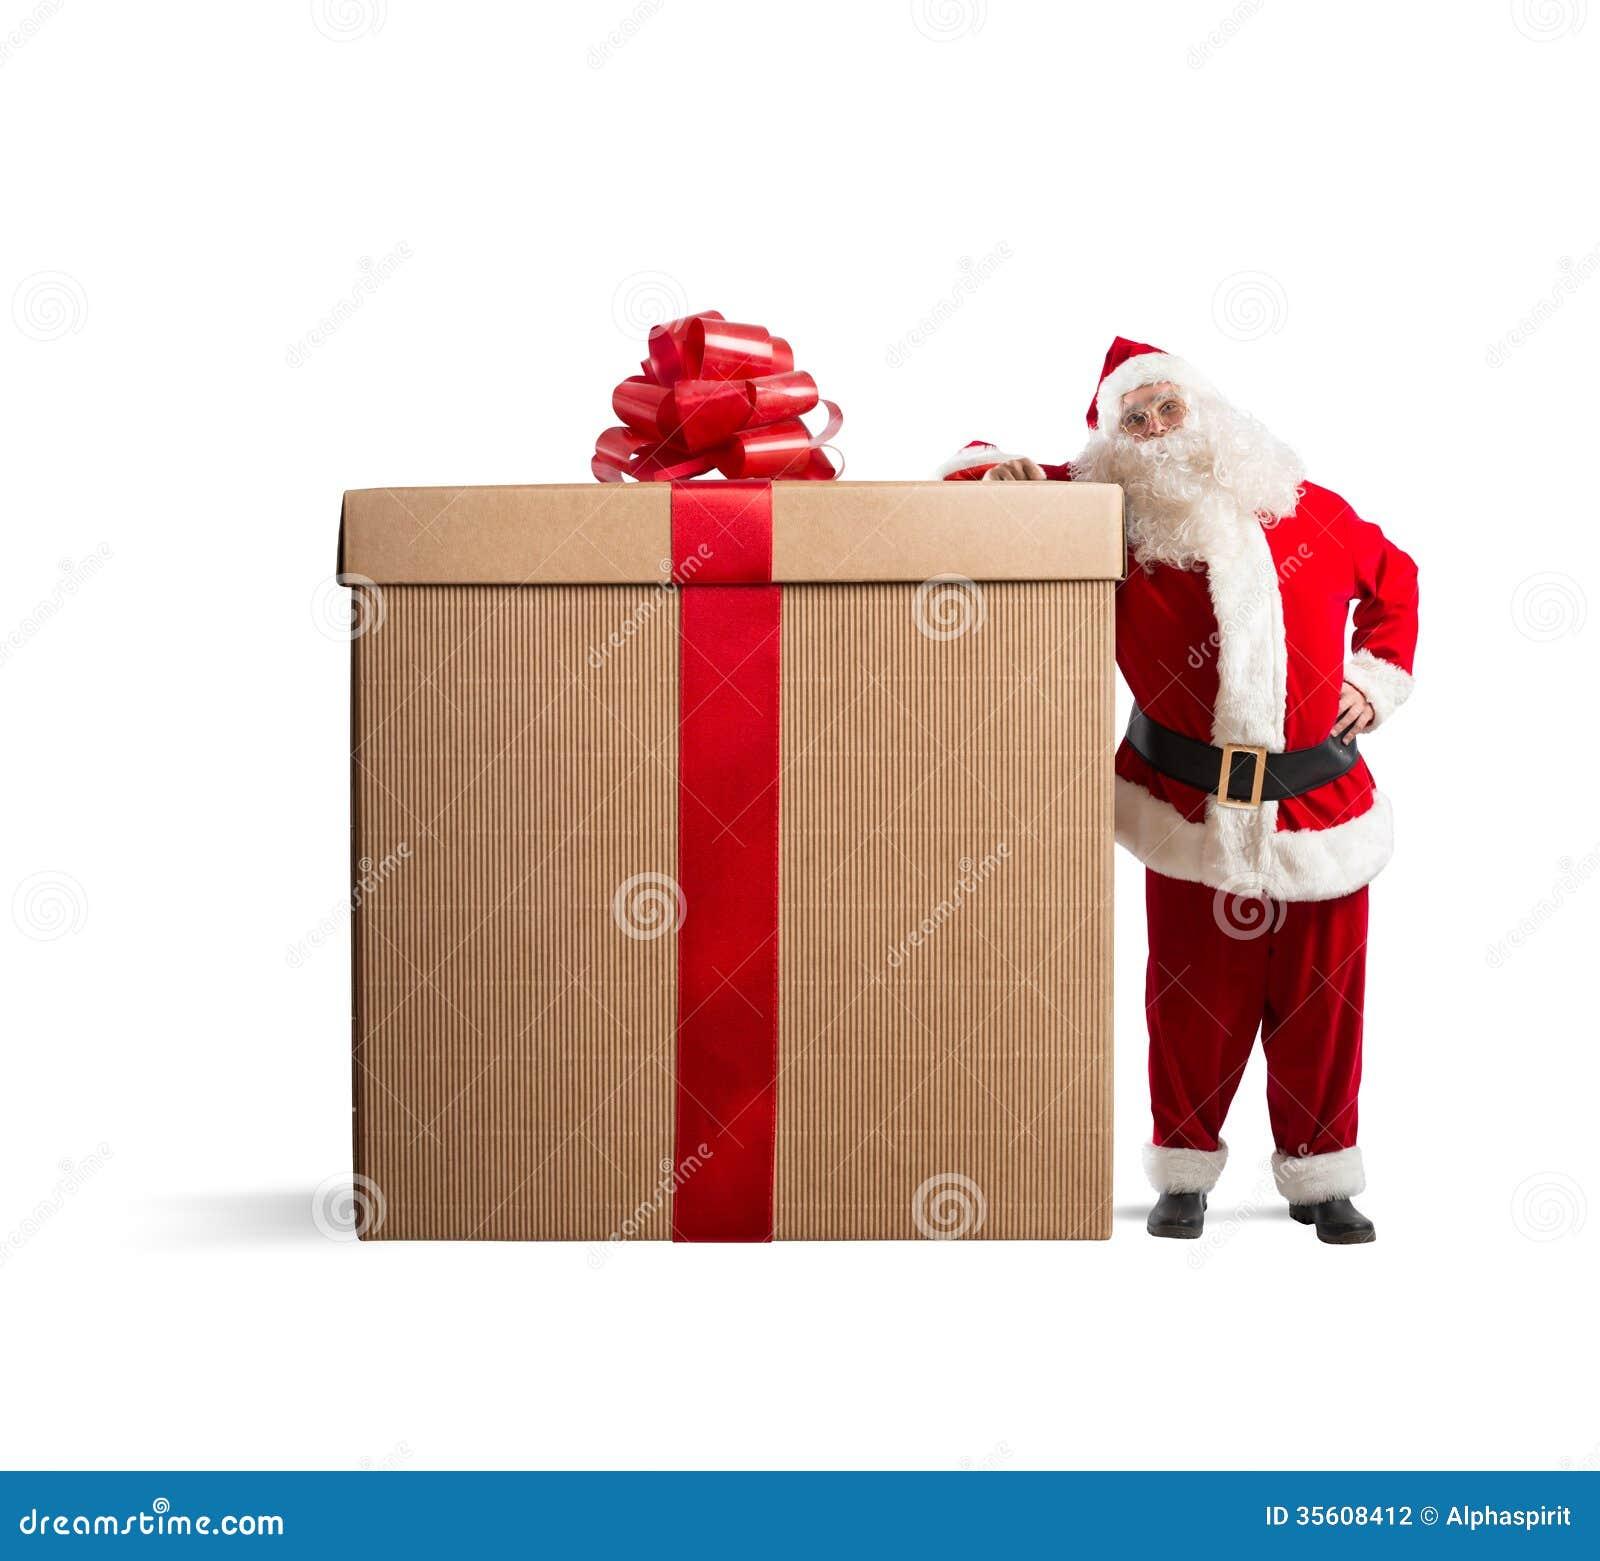 big gift - Big Christmas Gifts